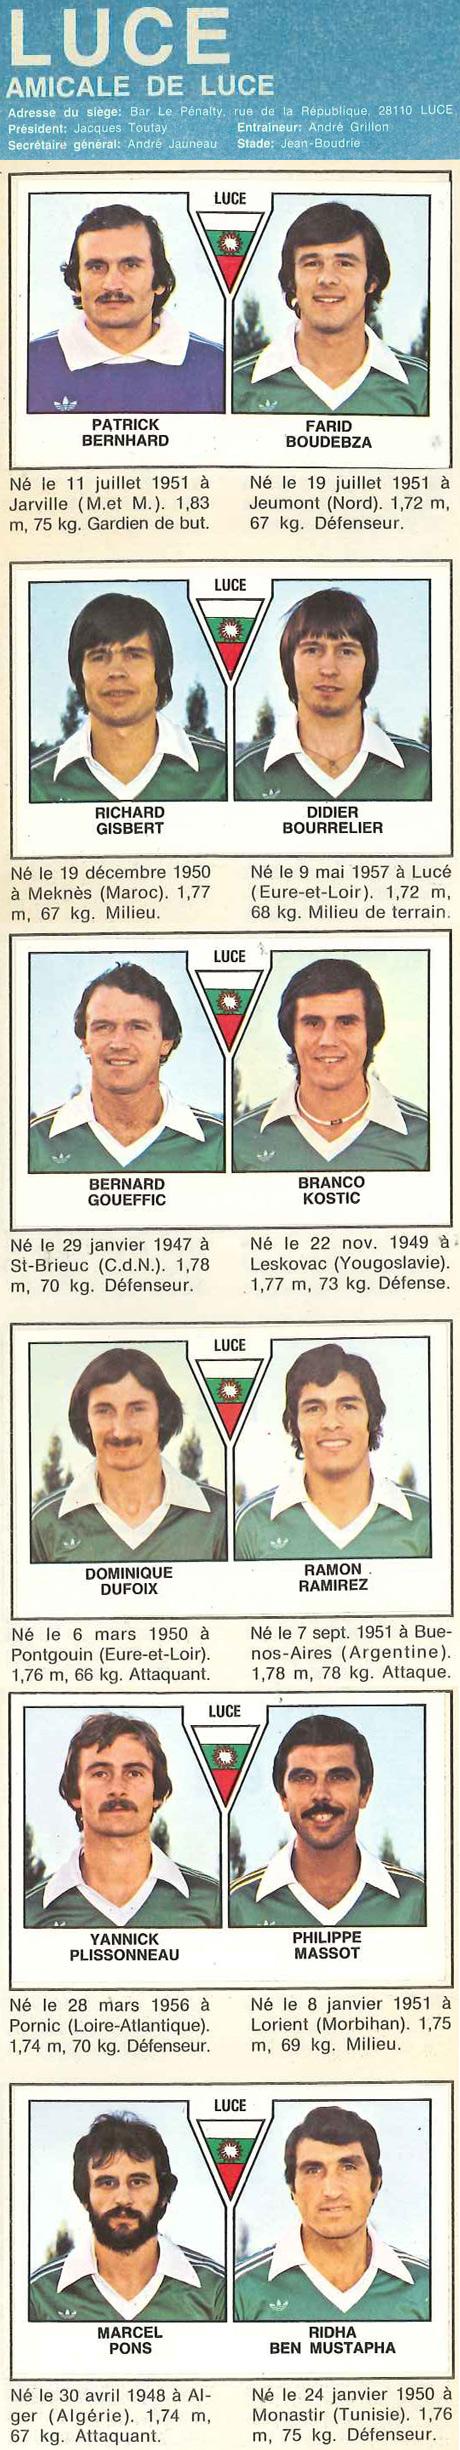 Amicale de Lucé 1979/1980